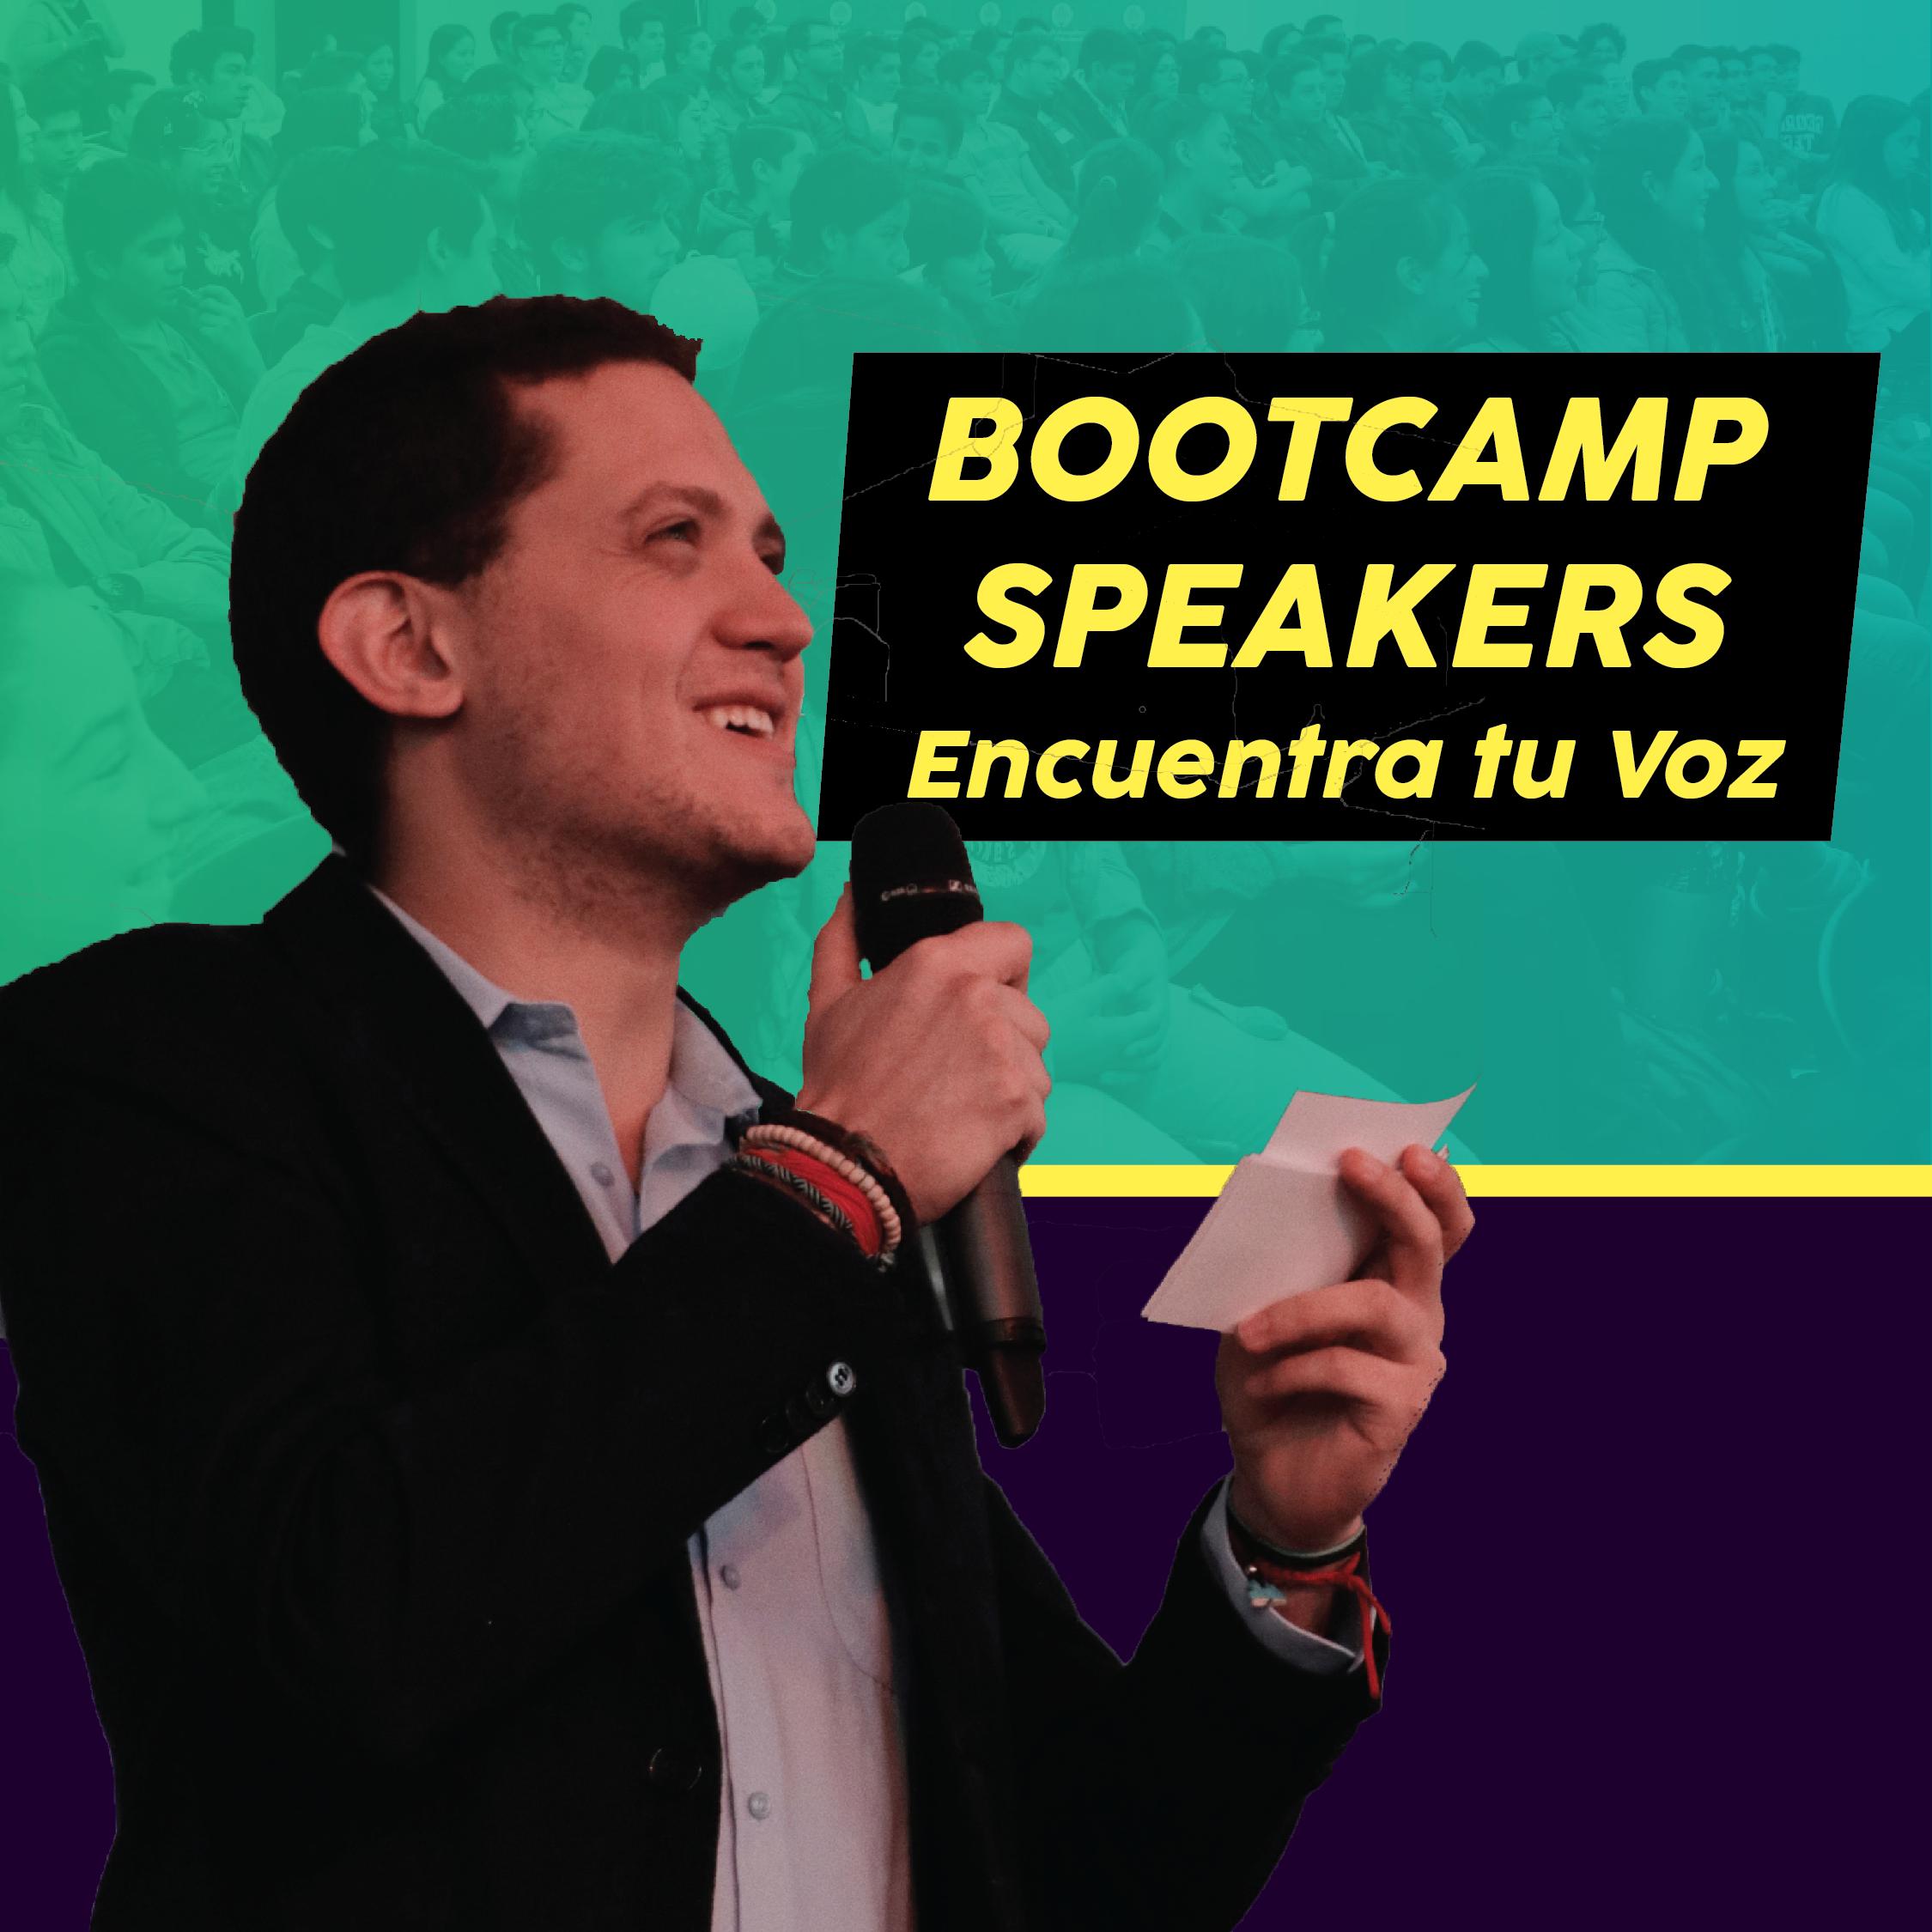 Bootcamp Speakers: Encuentra tu Voz